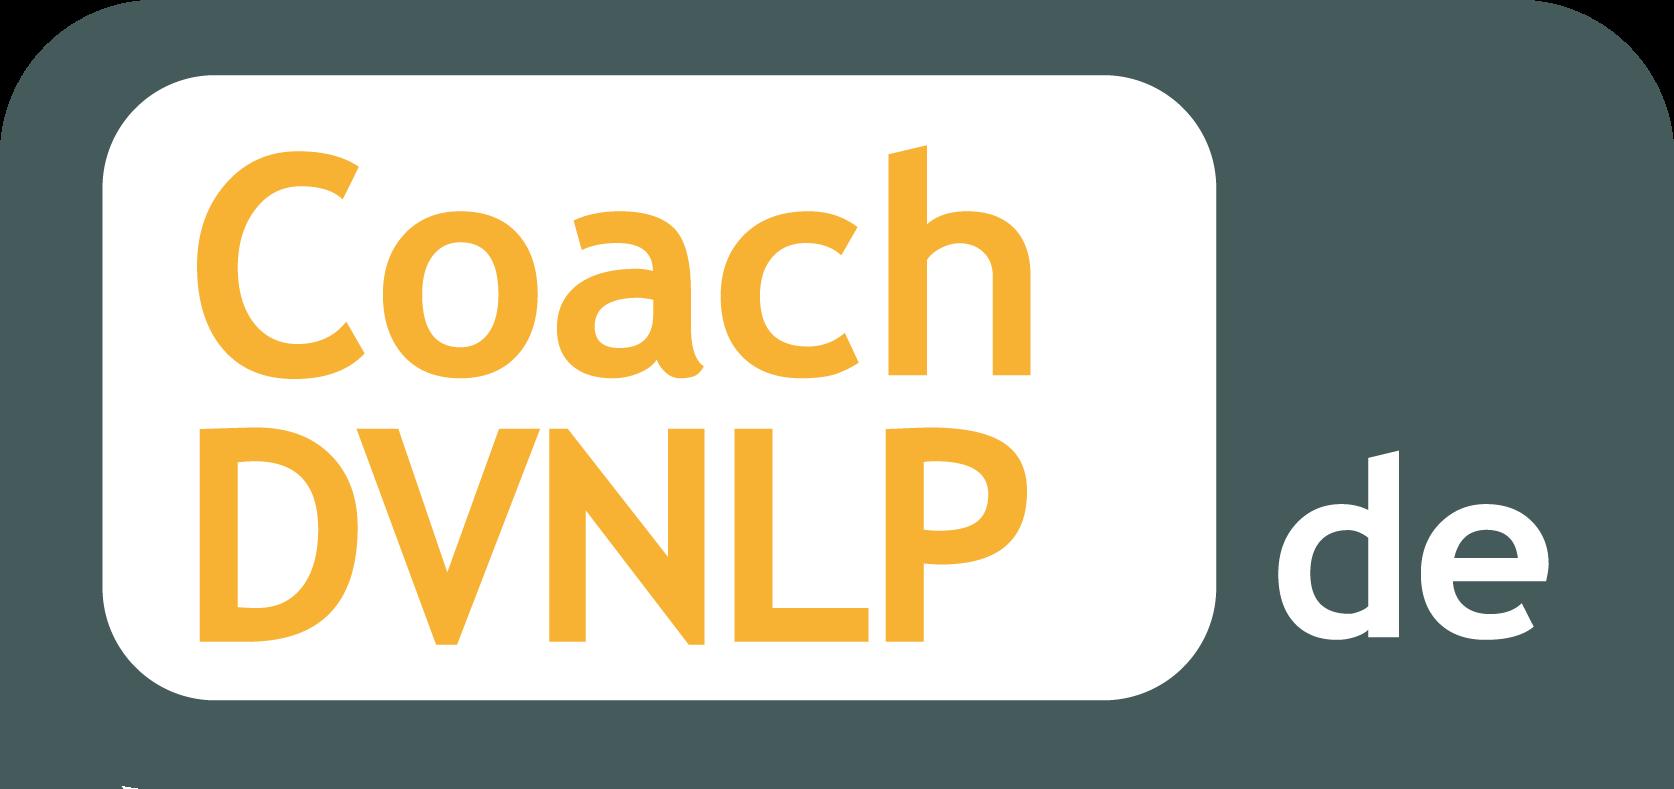 Eingetragen in die Coach-Datenbank des DVNLP